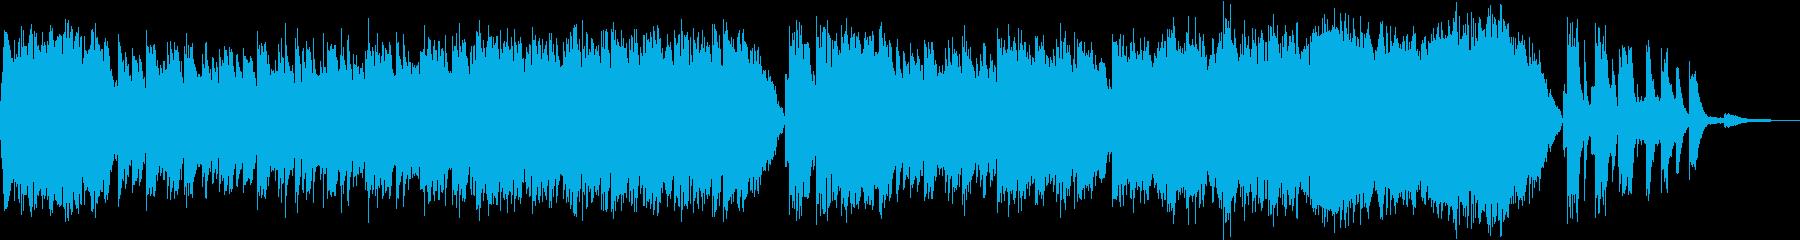 モデルルーム用BGM3の再生済みの波形